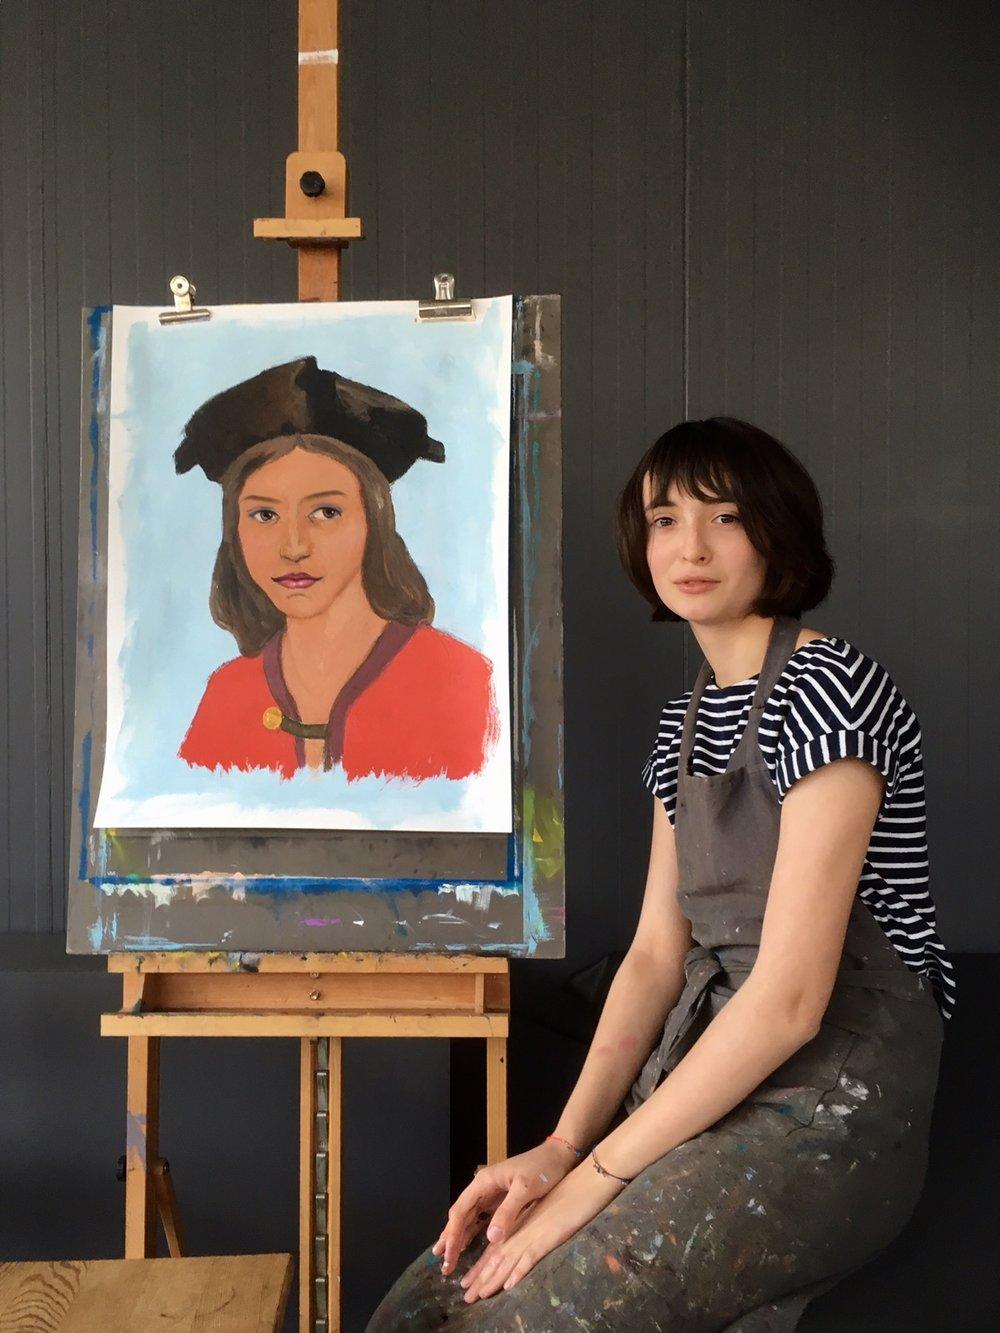 cours-peinture-adolescent-paris-vincennes-1.jpg